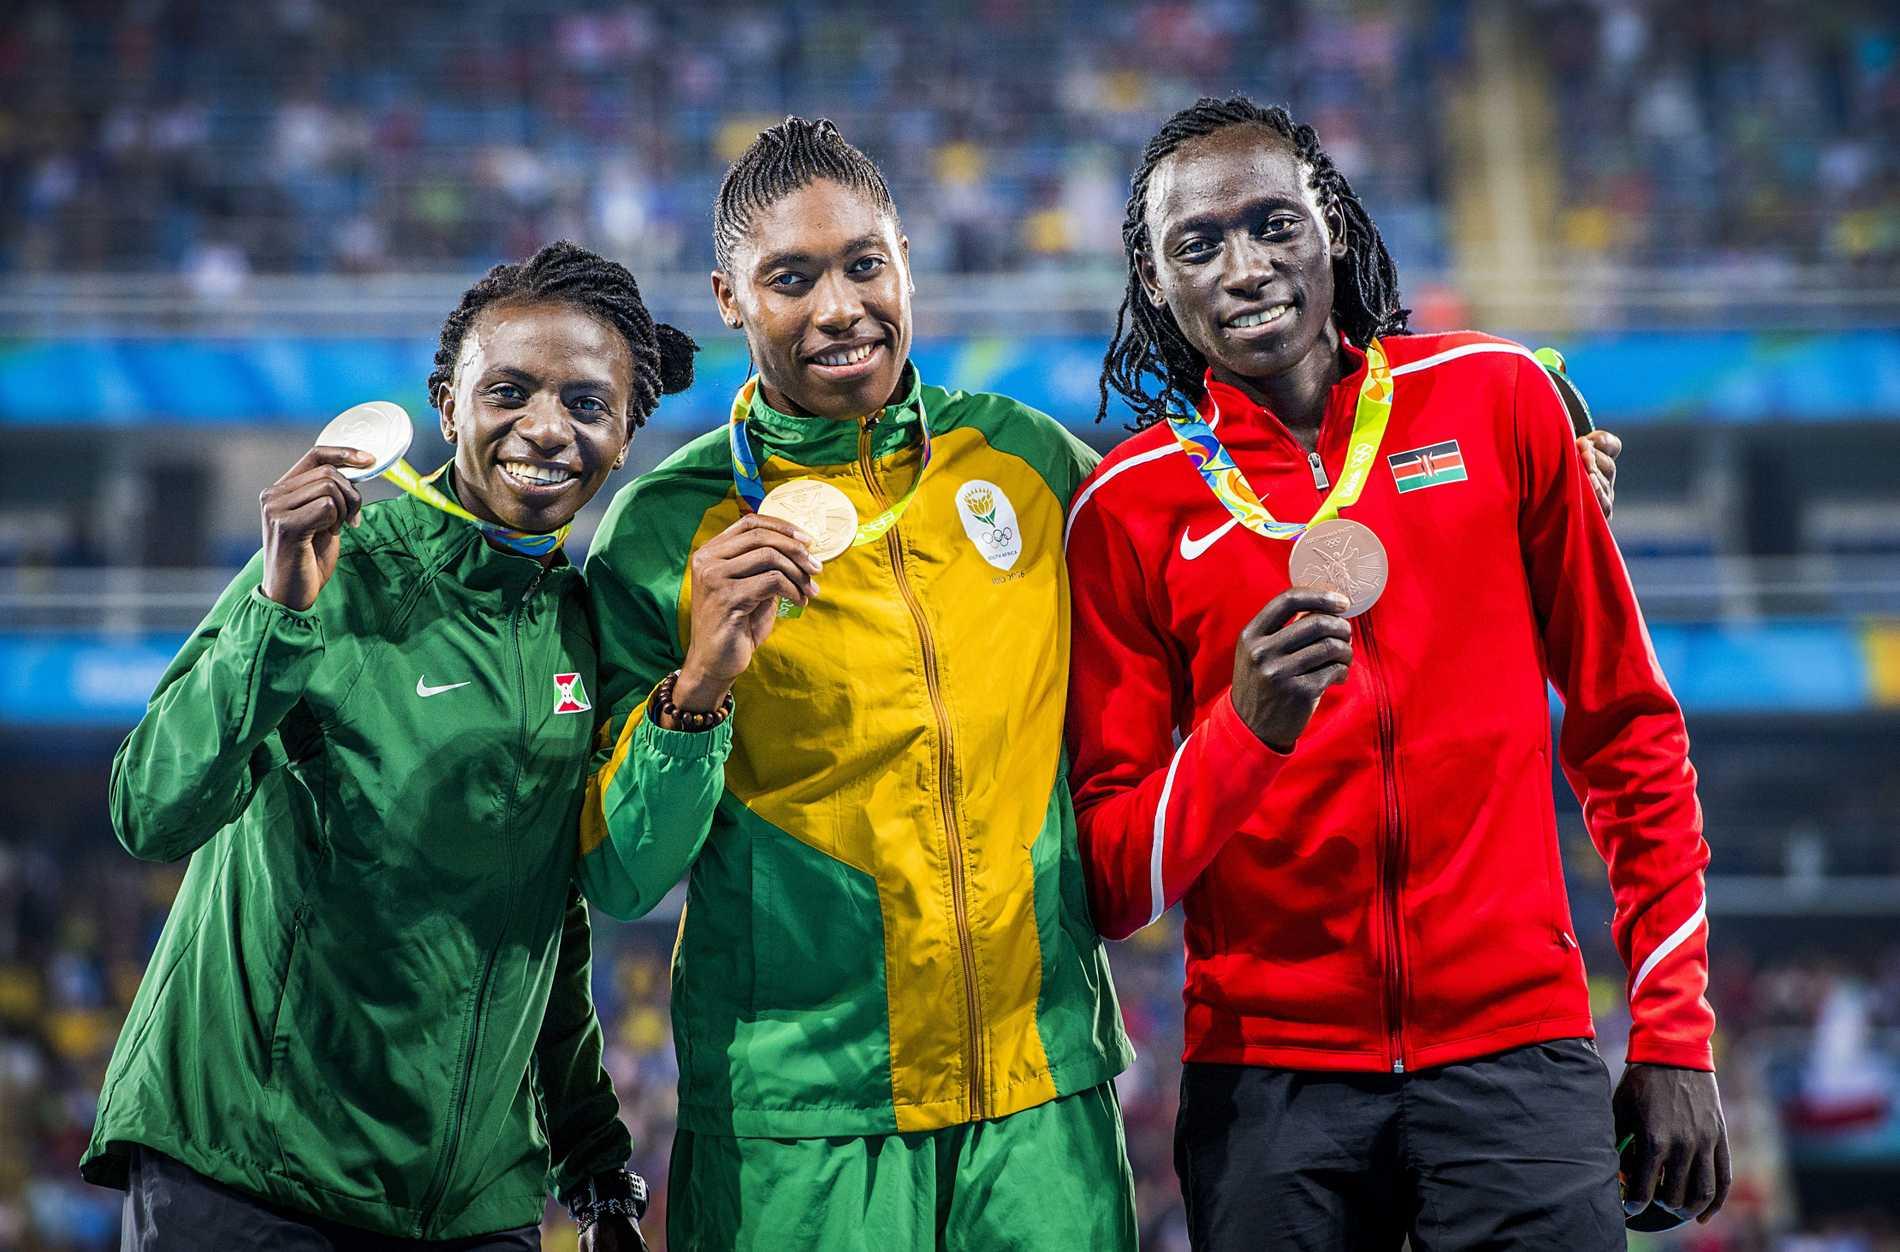 Francine Niyonsaba, Caster Semenya,och Margaret Nyairera Wambui på pallen i Rio 2016